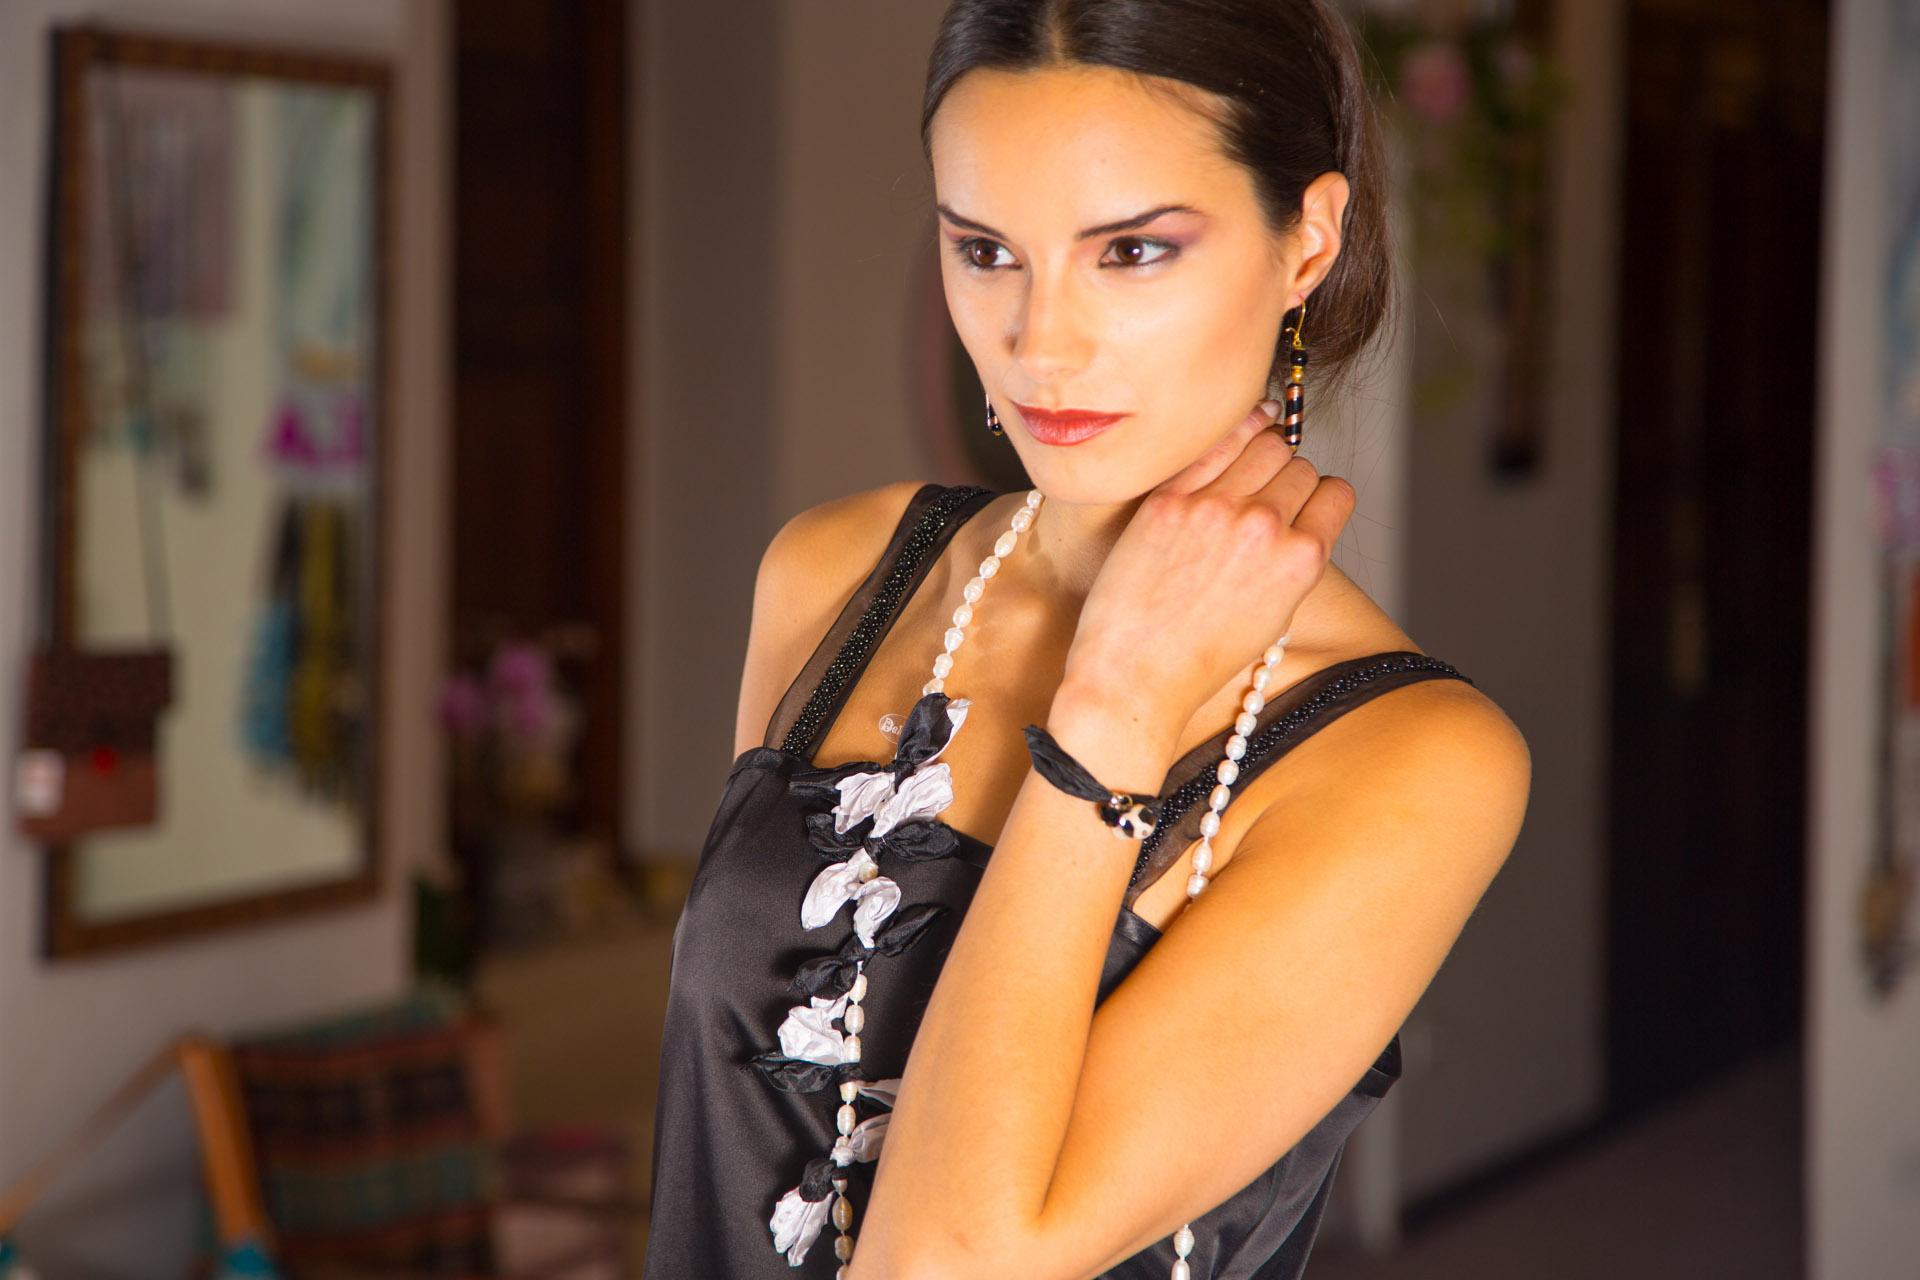 Retrato de Lydia luciendo la blusa con tirantes. Fotografía: Baúl de fotos.